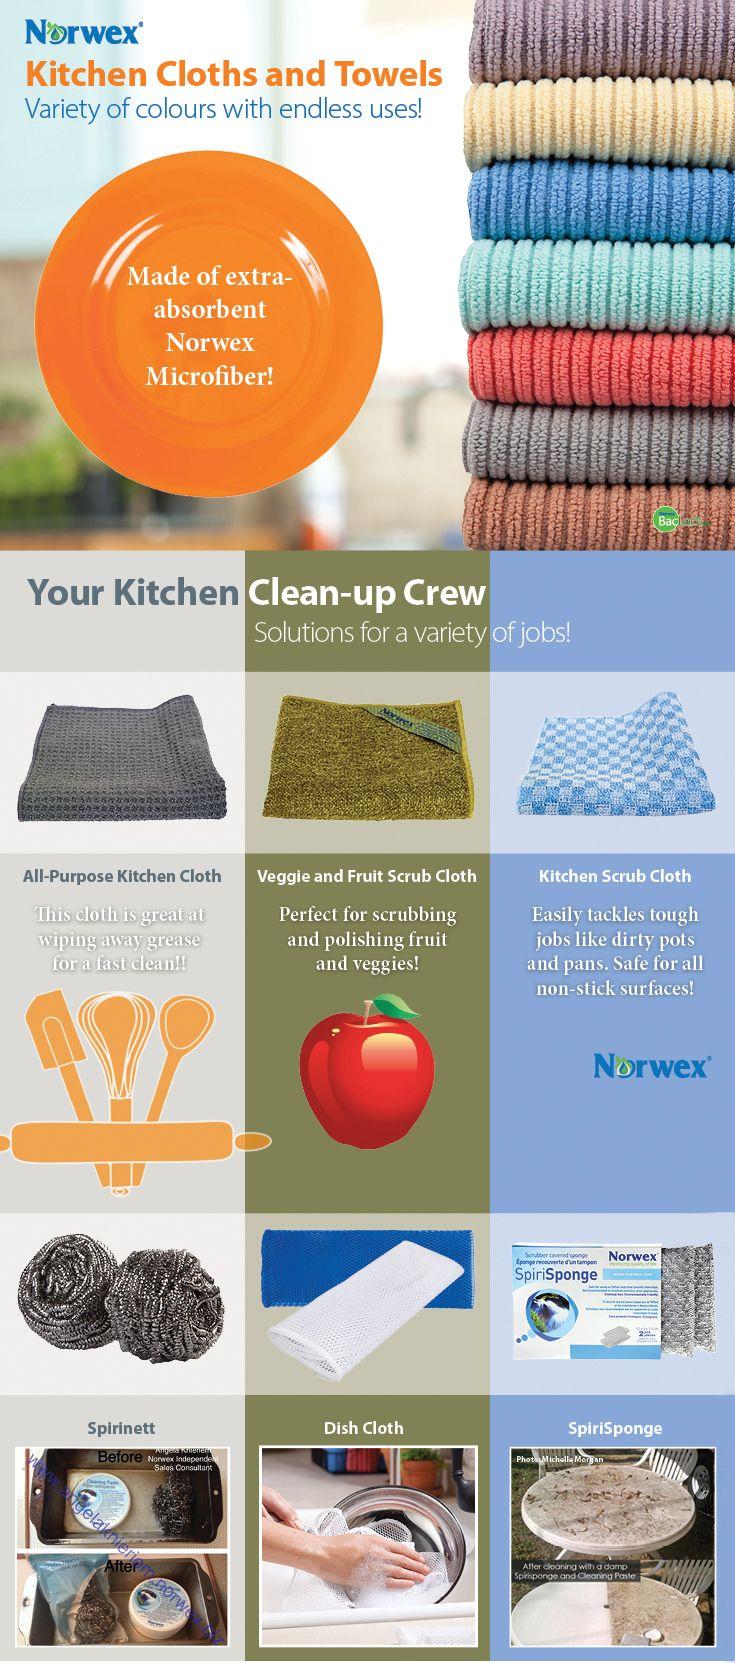 https://kristischwinn.norwex.biz/. Kitchen Suggestions: All Purpose Kitchen Cloth Veggie and Fruit Scrub Cloth Kitchen Scrub Cloth Spirinett Dish Cloth. https://kristischwinn.norwex.biz/